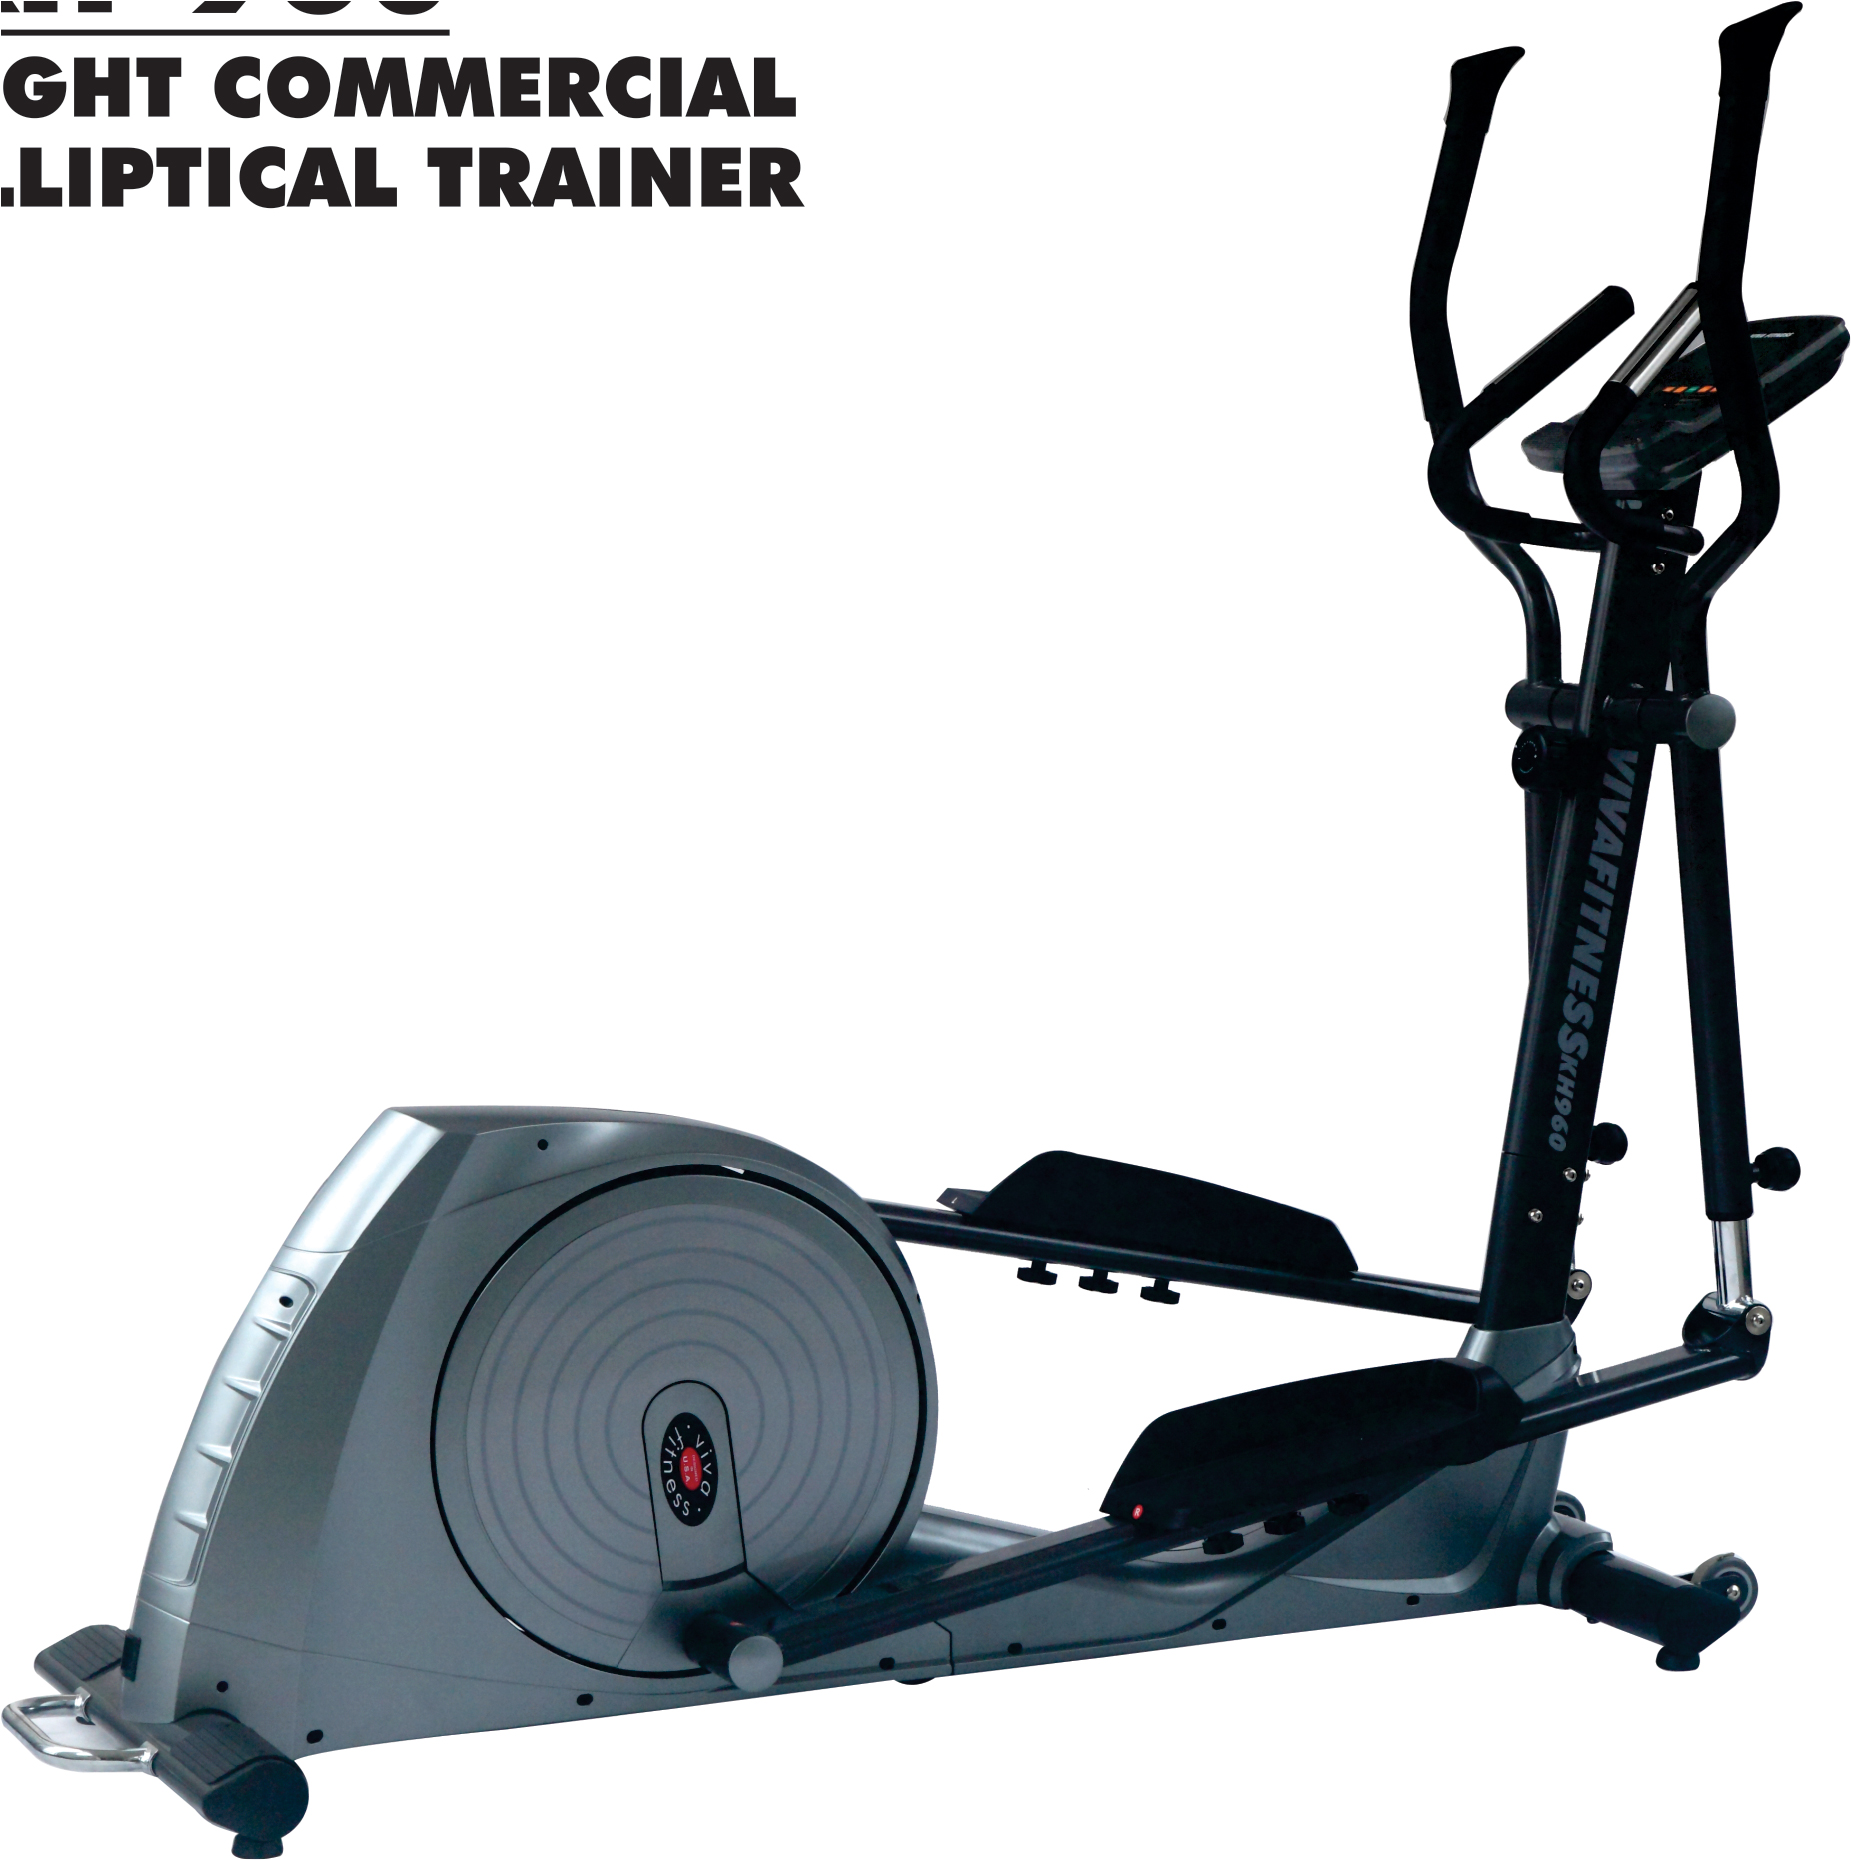 KH-960 Light Commercial Elliptical Trainer